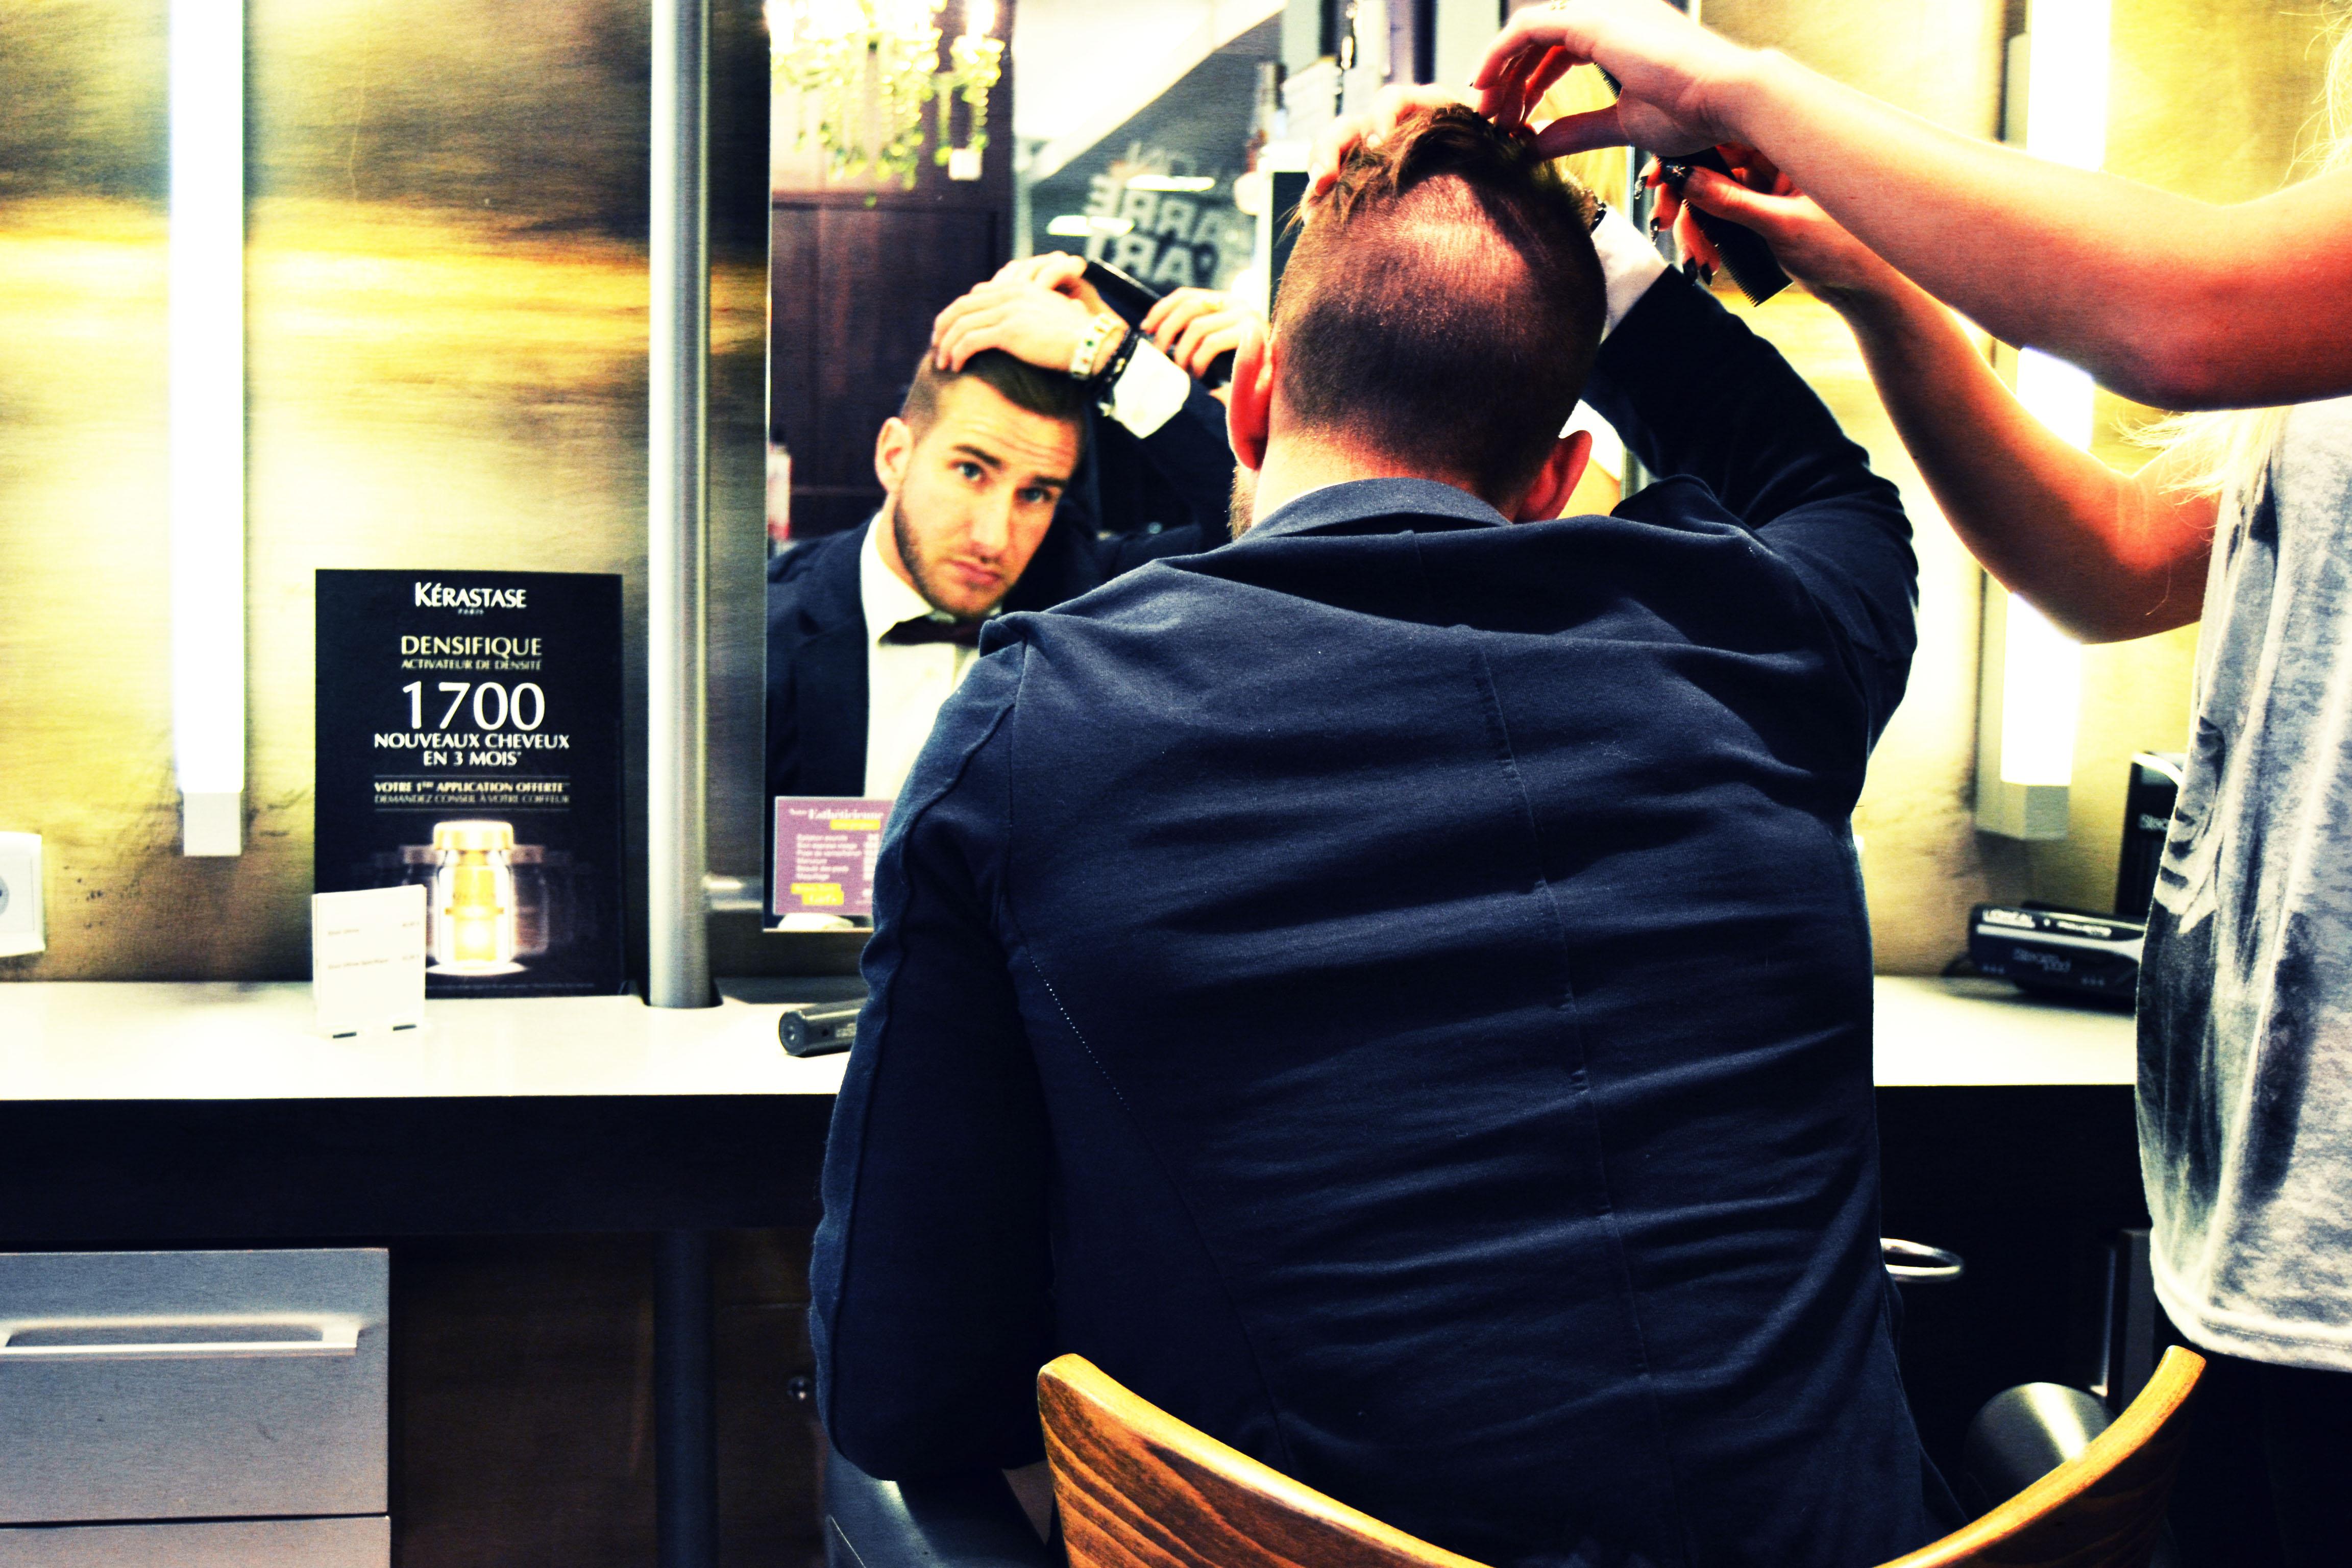 Kevin coiffeur visagiste reims salon carr d 39 art for Salon o coiffure reims